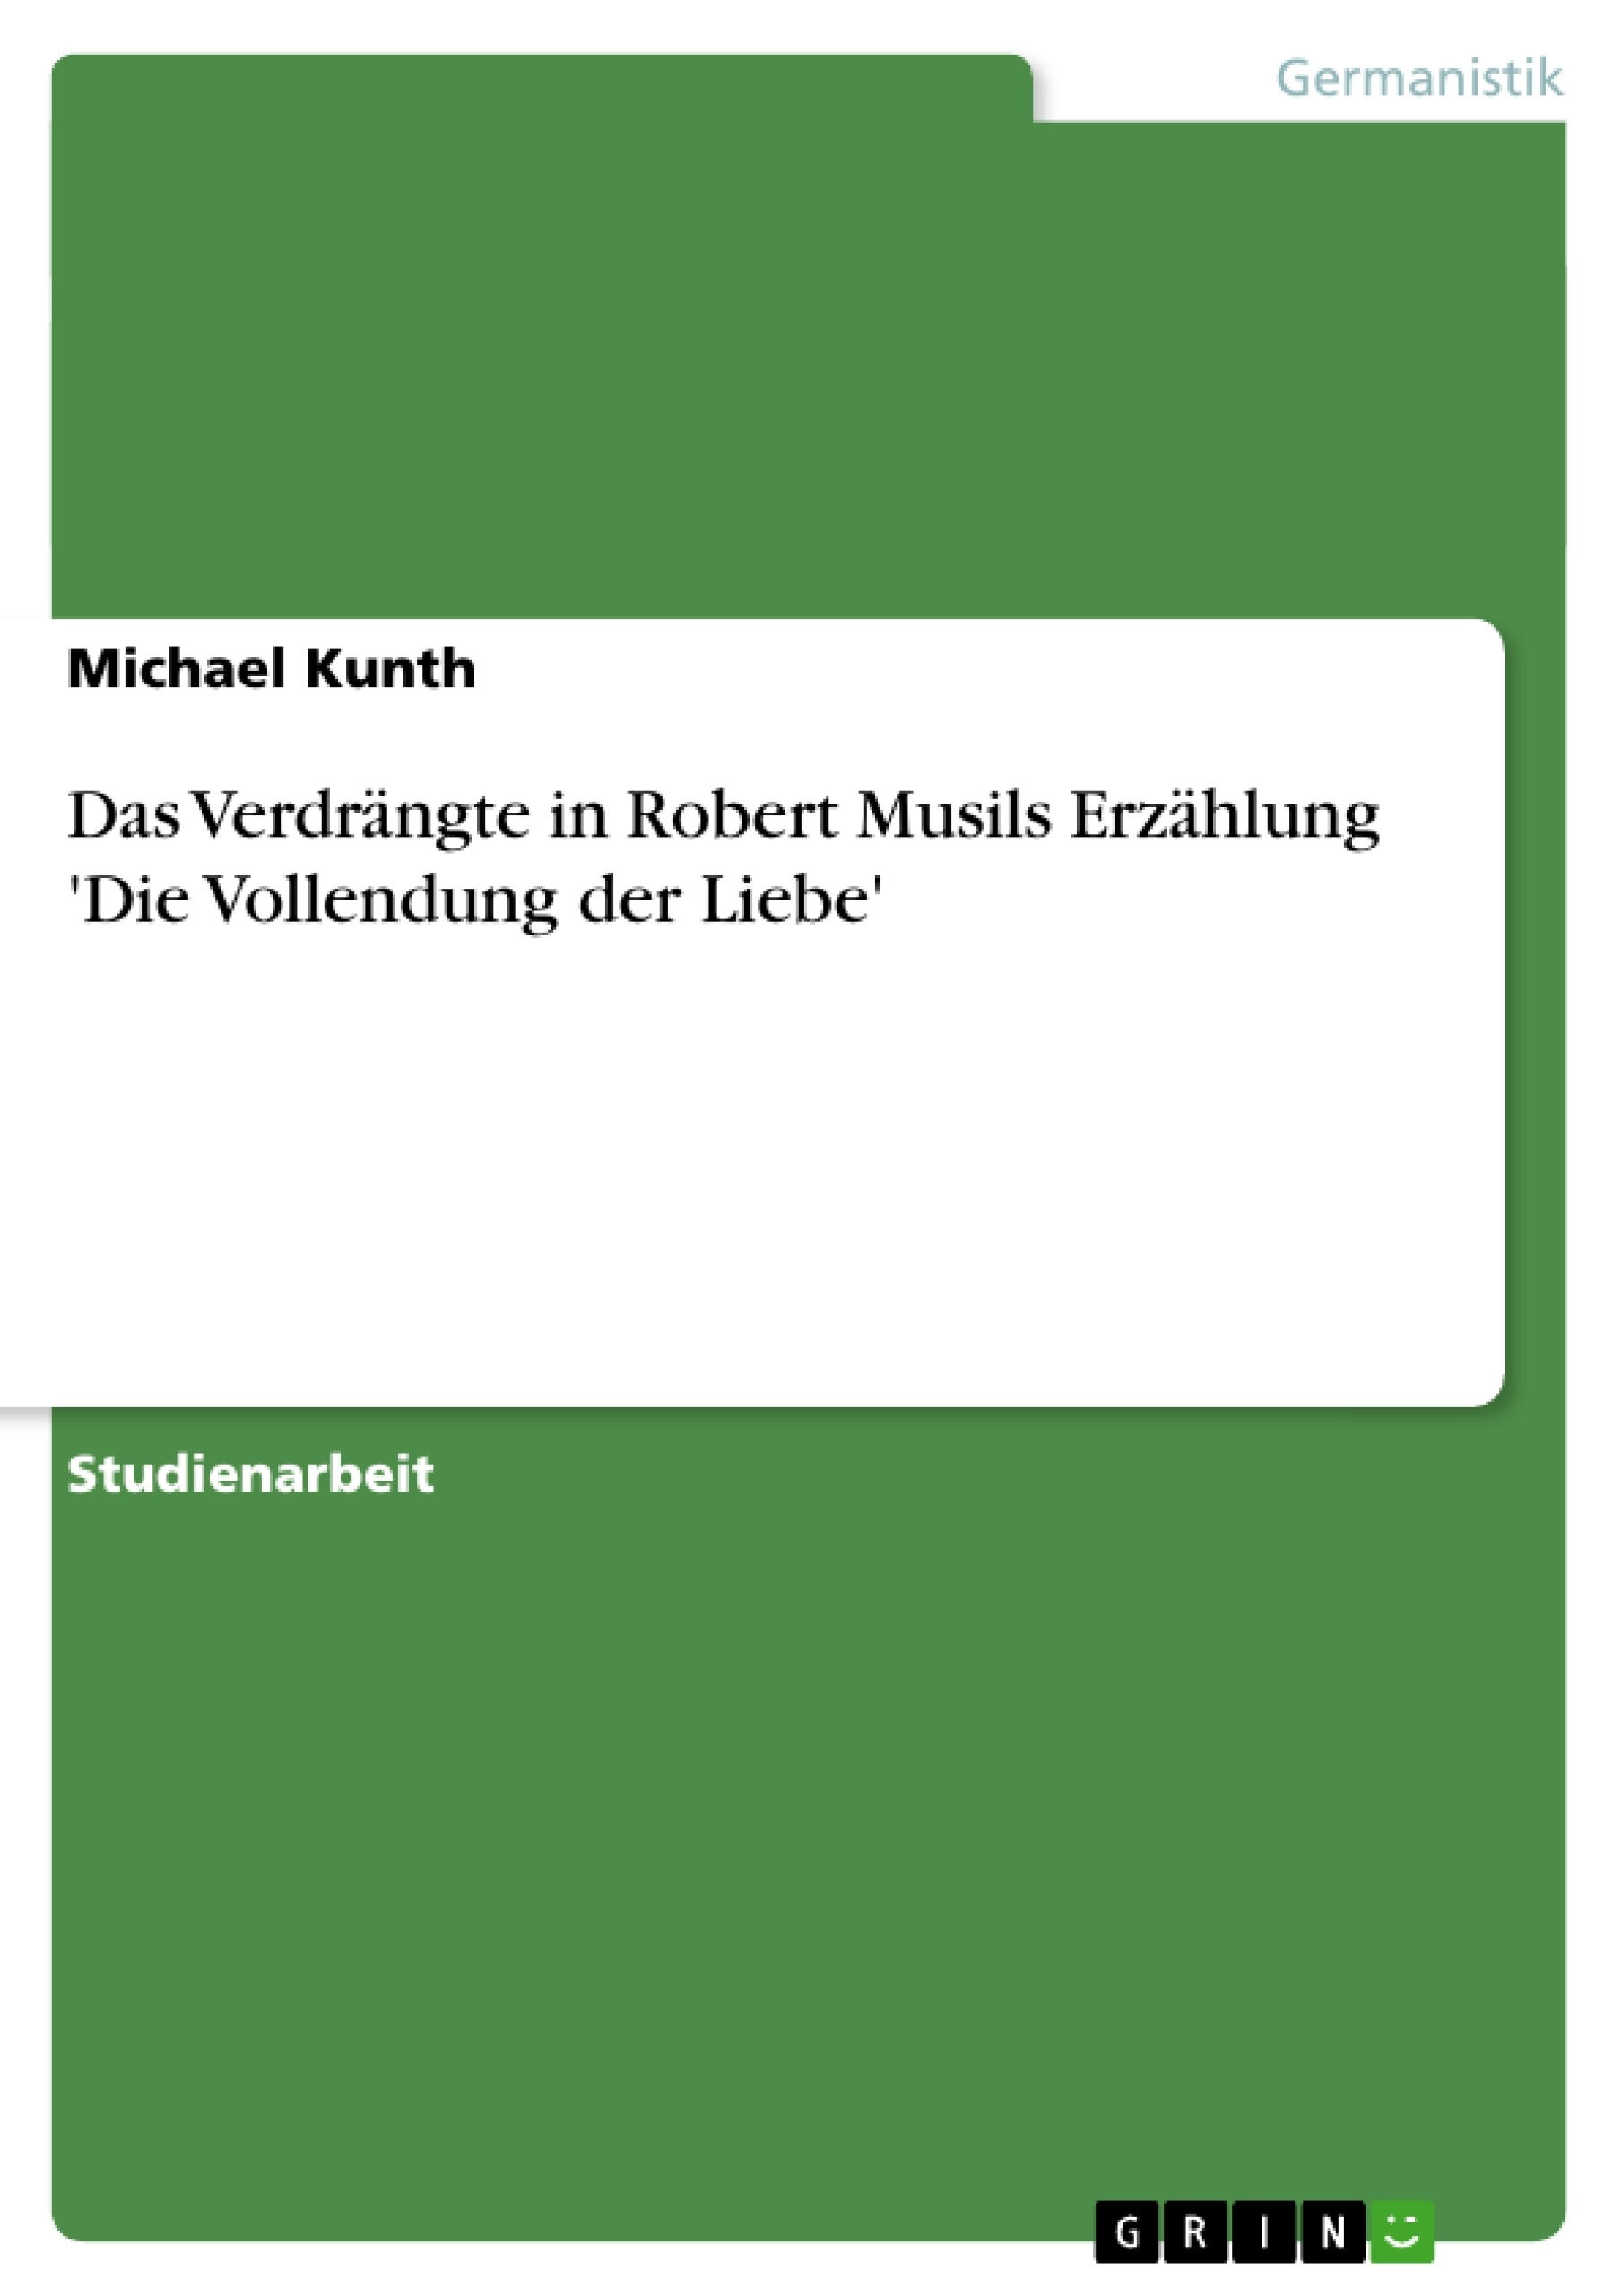 Titel: Das Verdrängte in Robert Musils Erzählung 'Die Vollendung der Liebe'